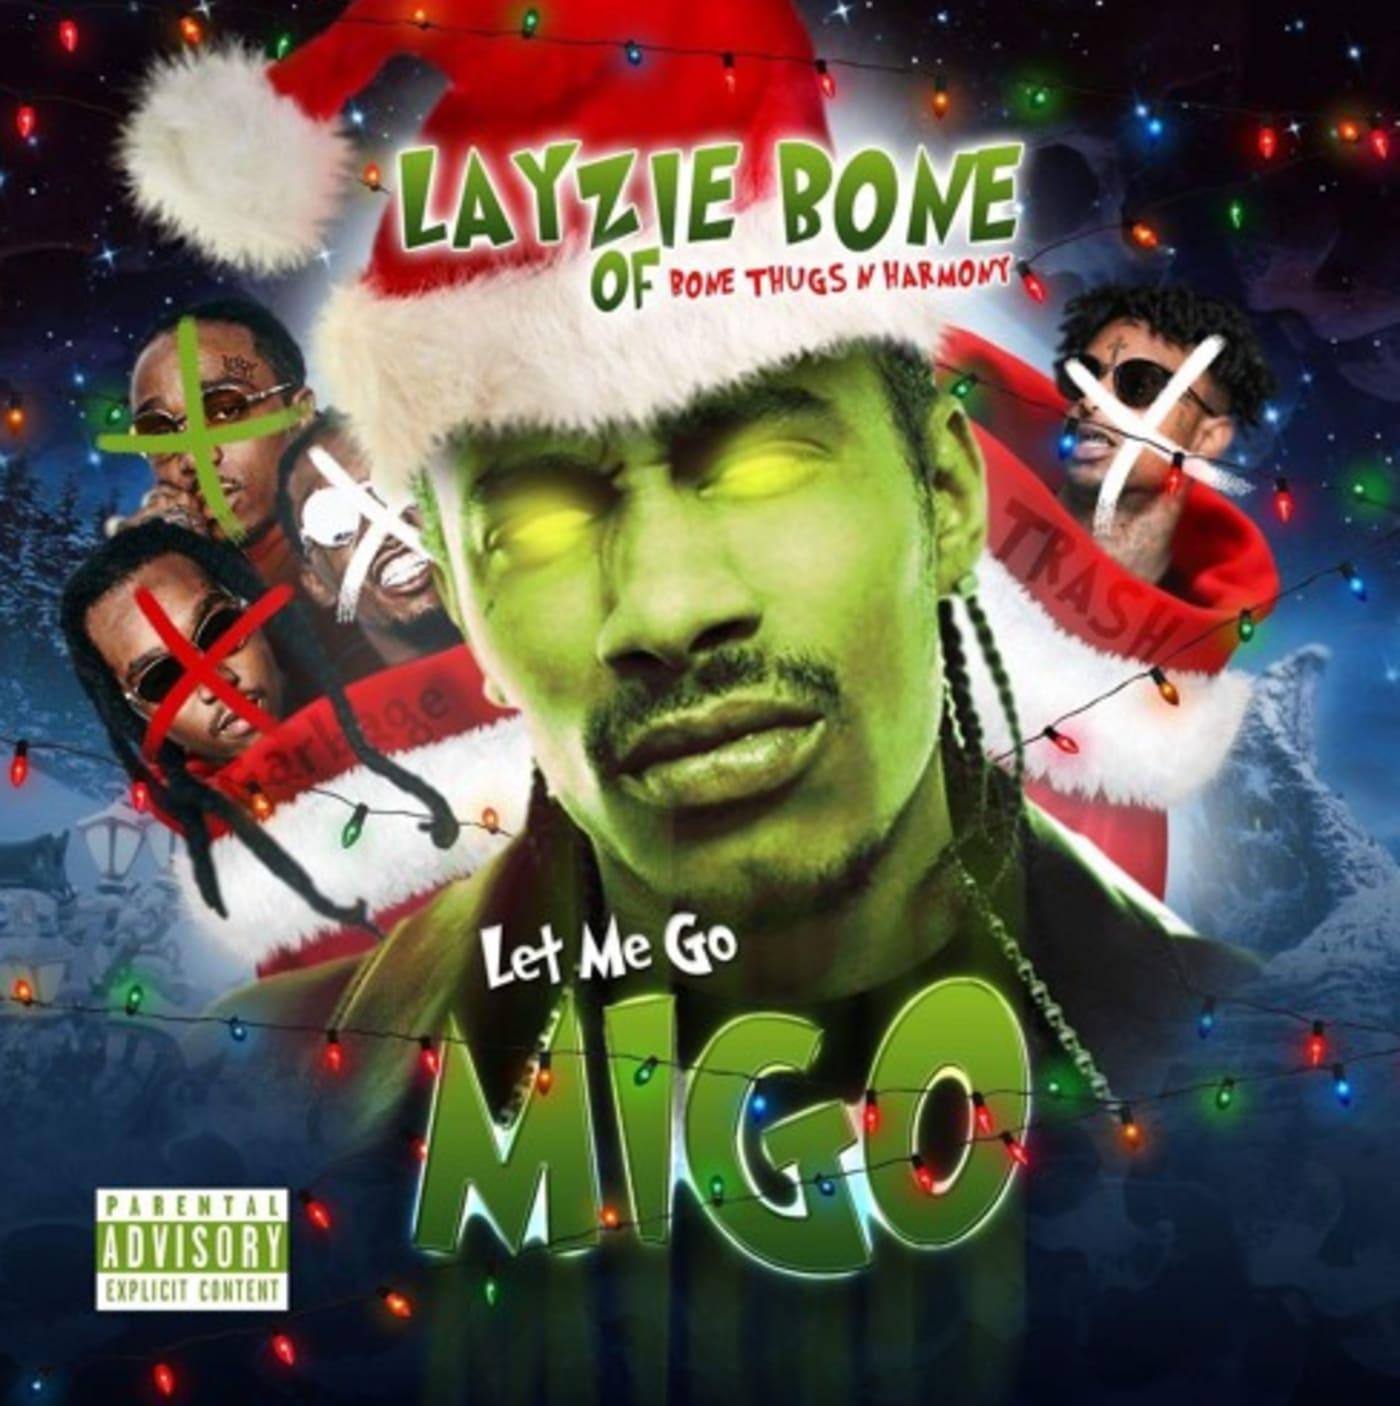 Let Me Go Migo Artwork